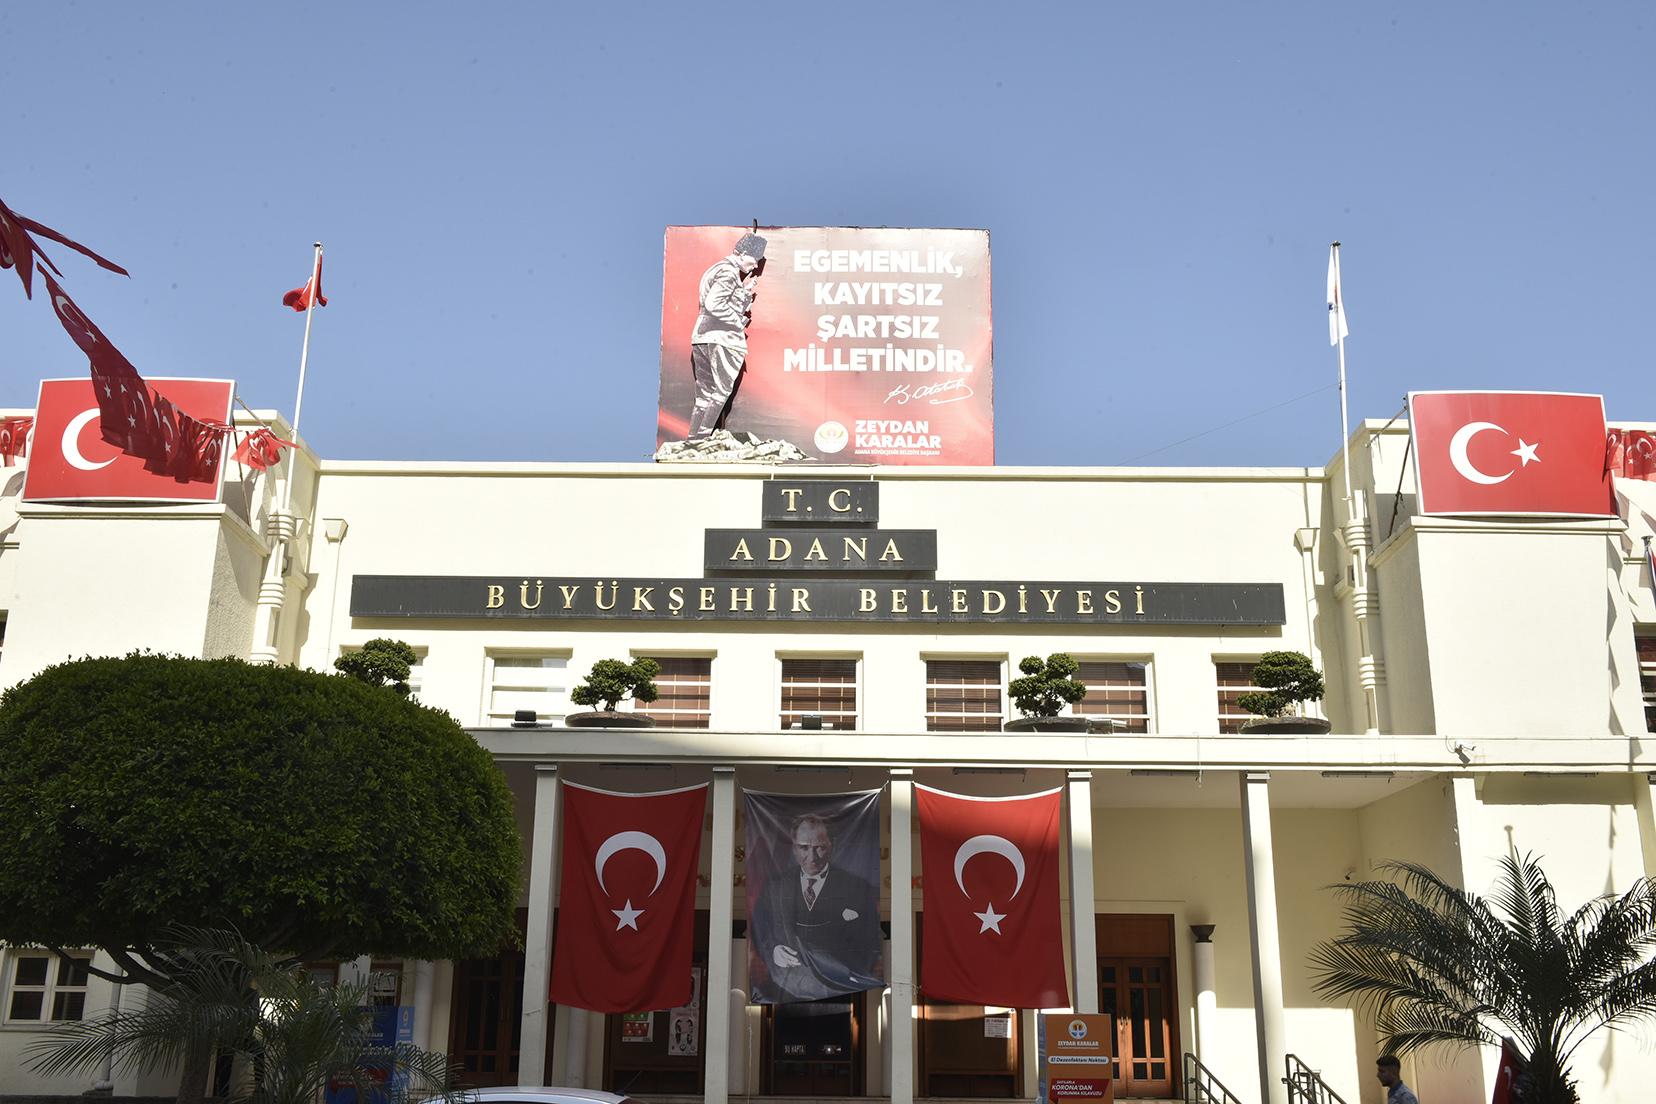 Adana Büyükşehir: haksız işten çıkarma olmadı!